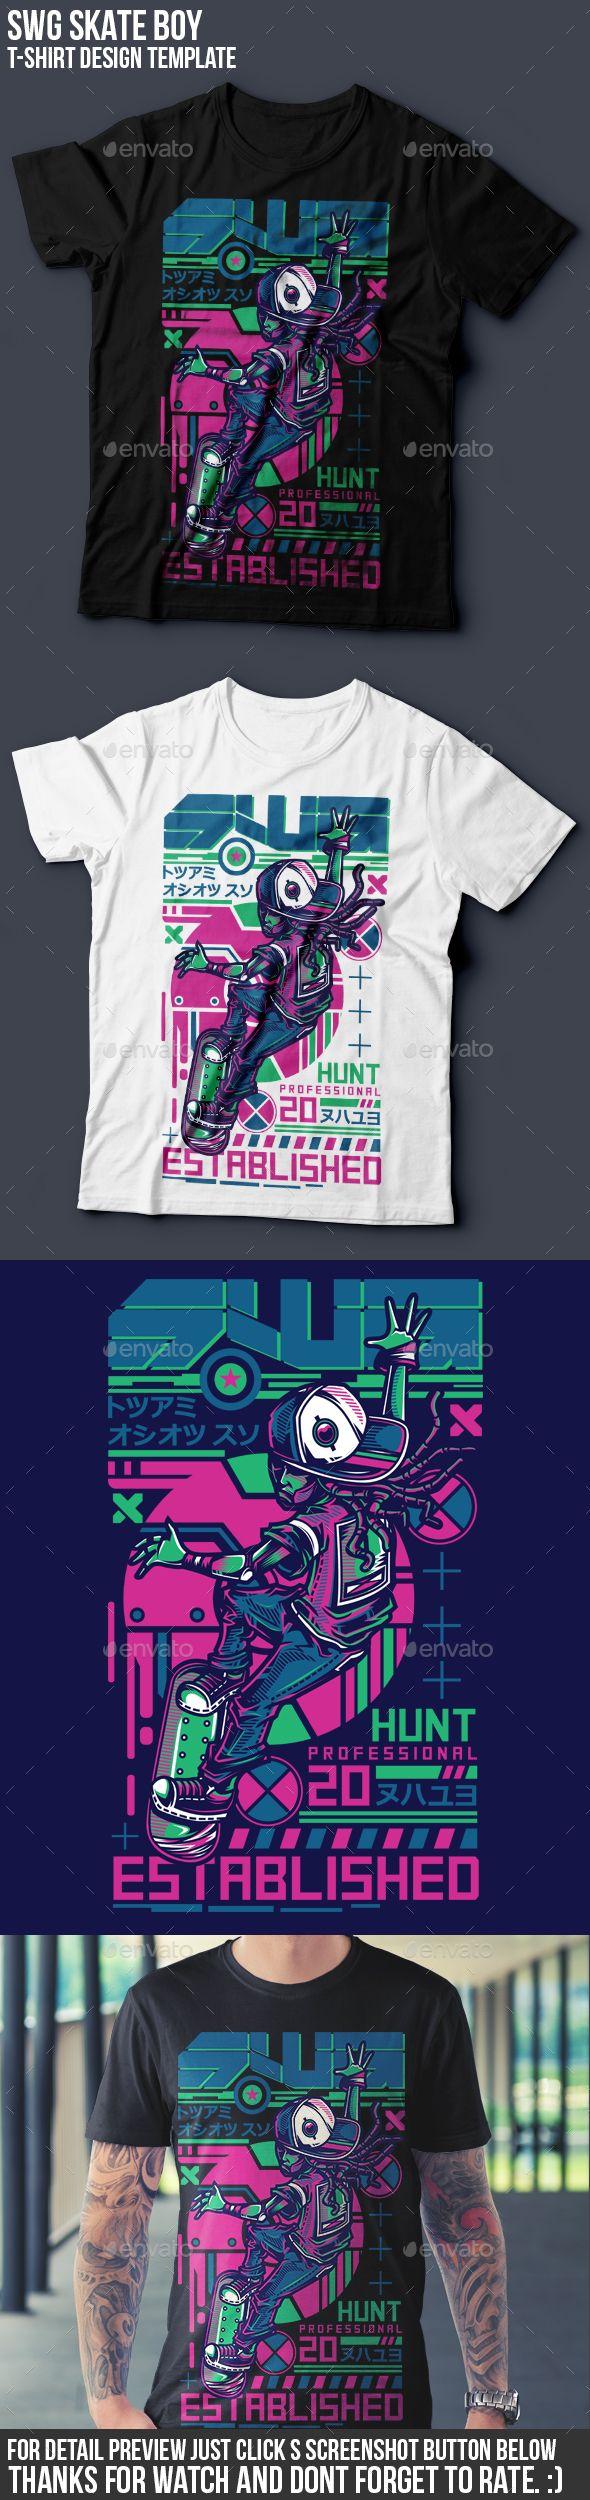 Shirt design eps - Funny